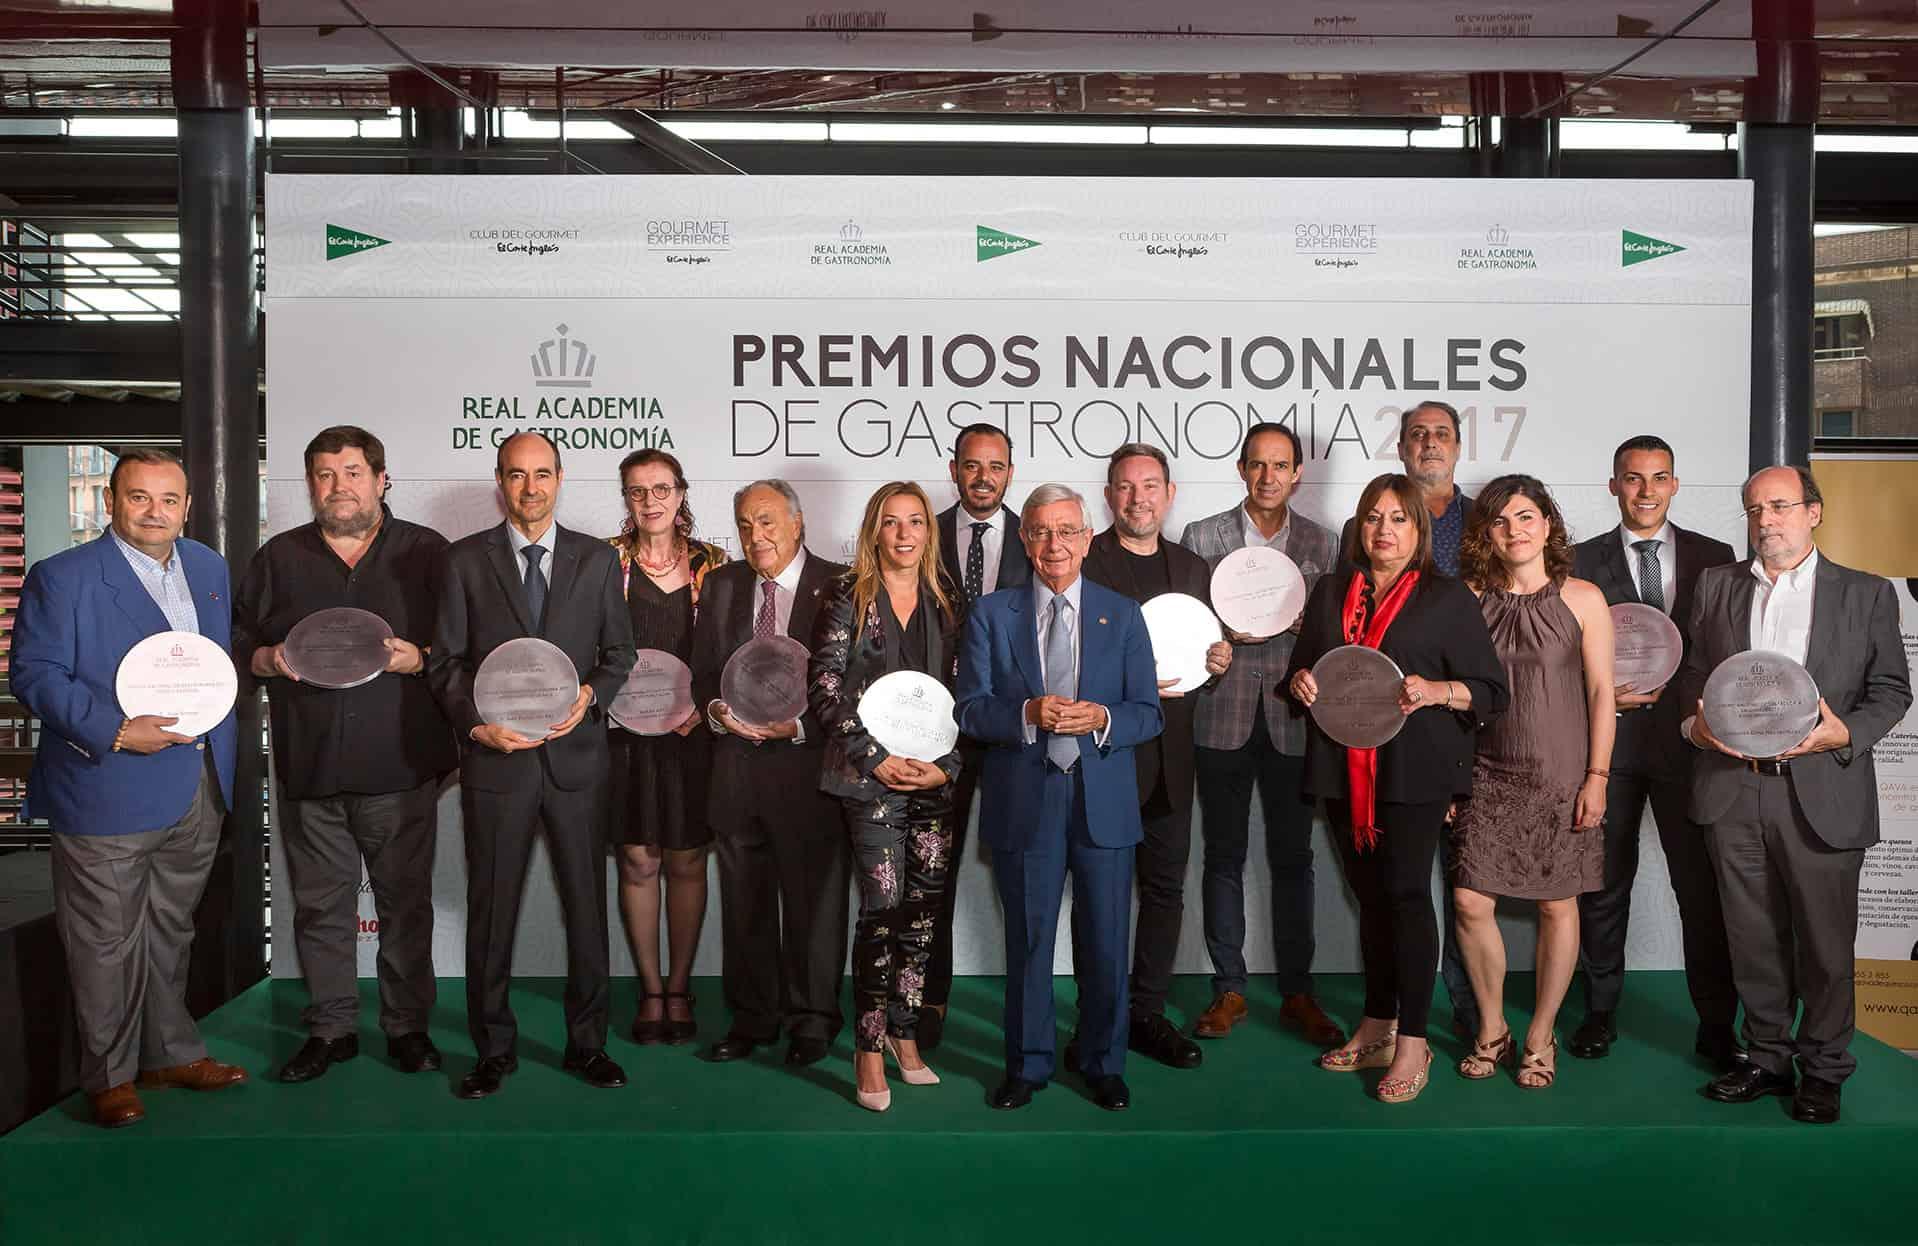 Se entregan los Premios Nacionales de Gastronomía